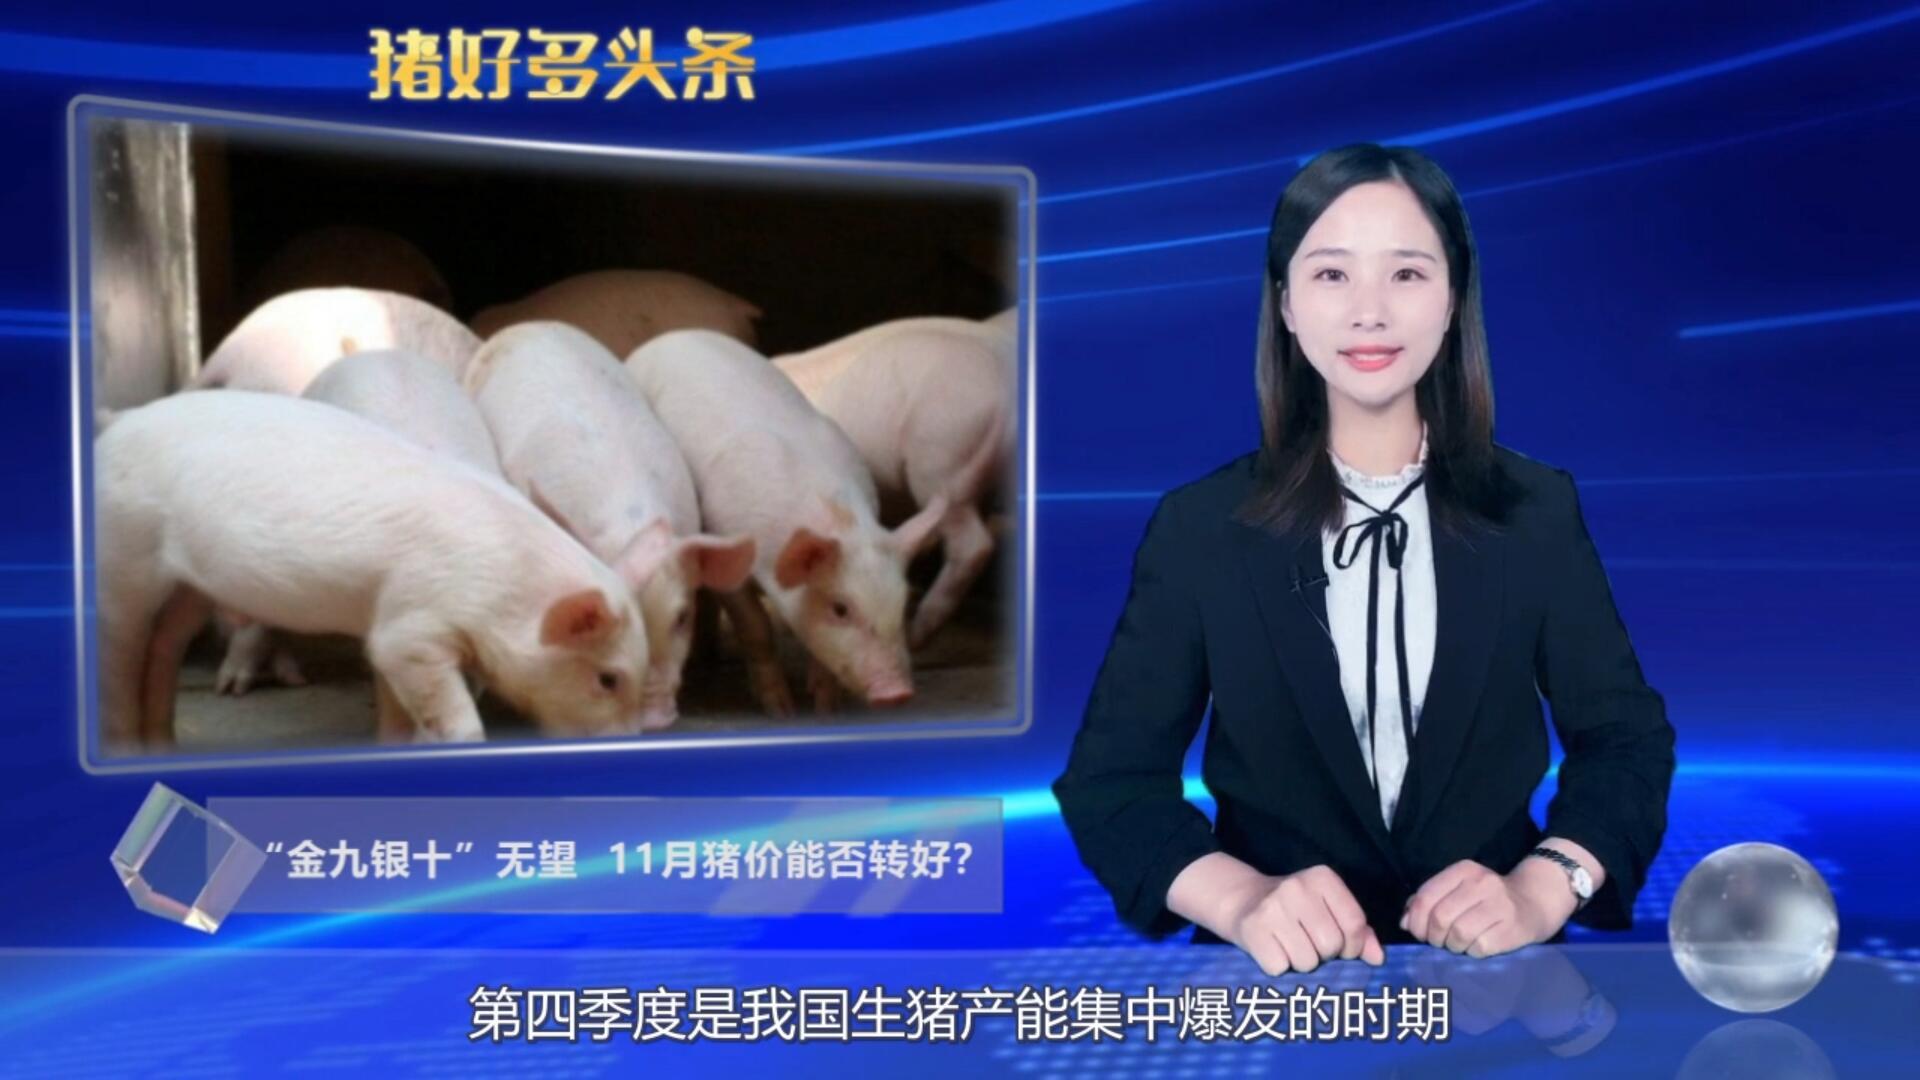 """""""金九银十""""无望,11月猪价能否转好?3个消息还你满意答卷!"""